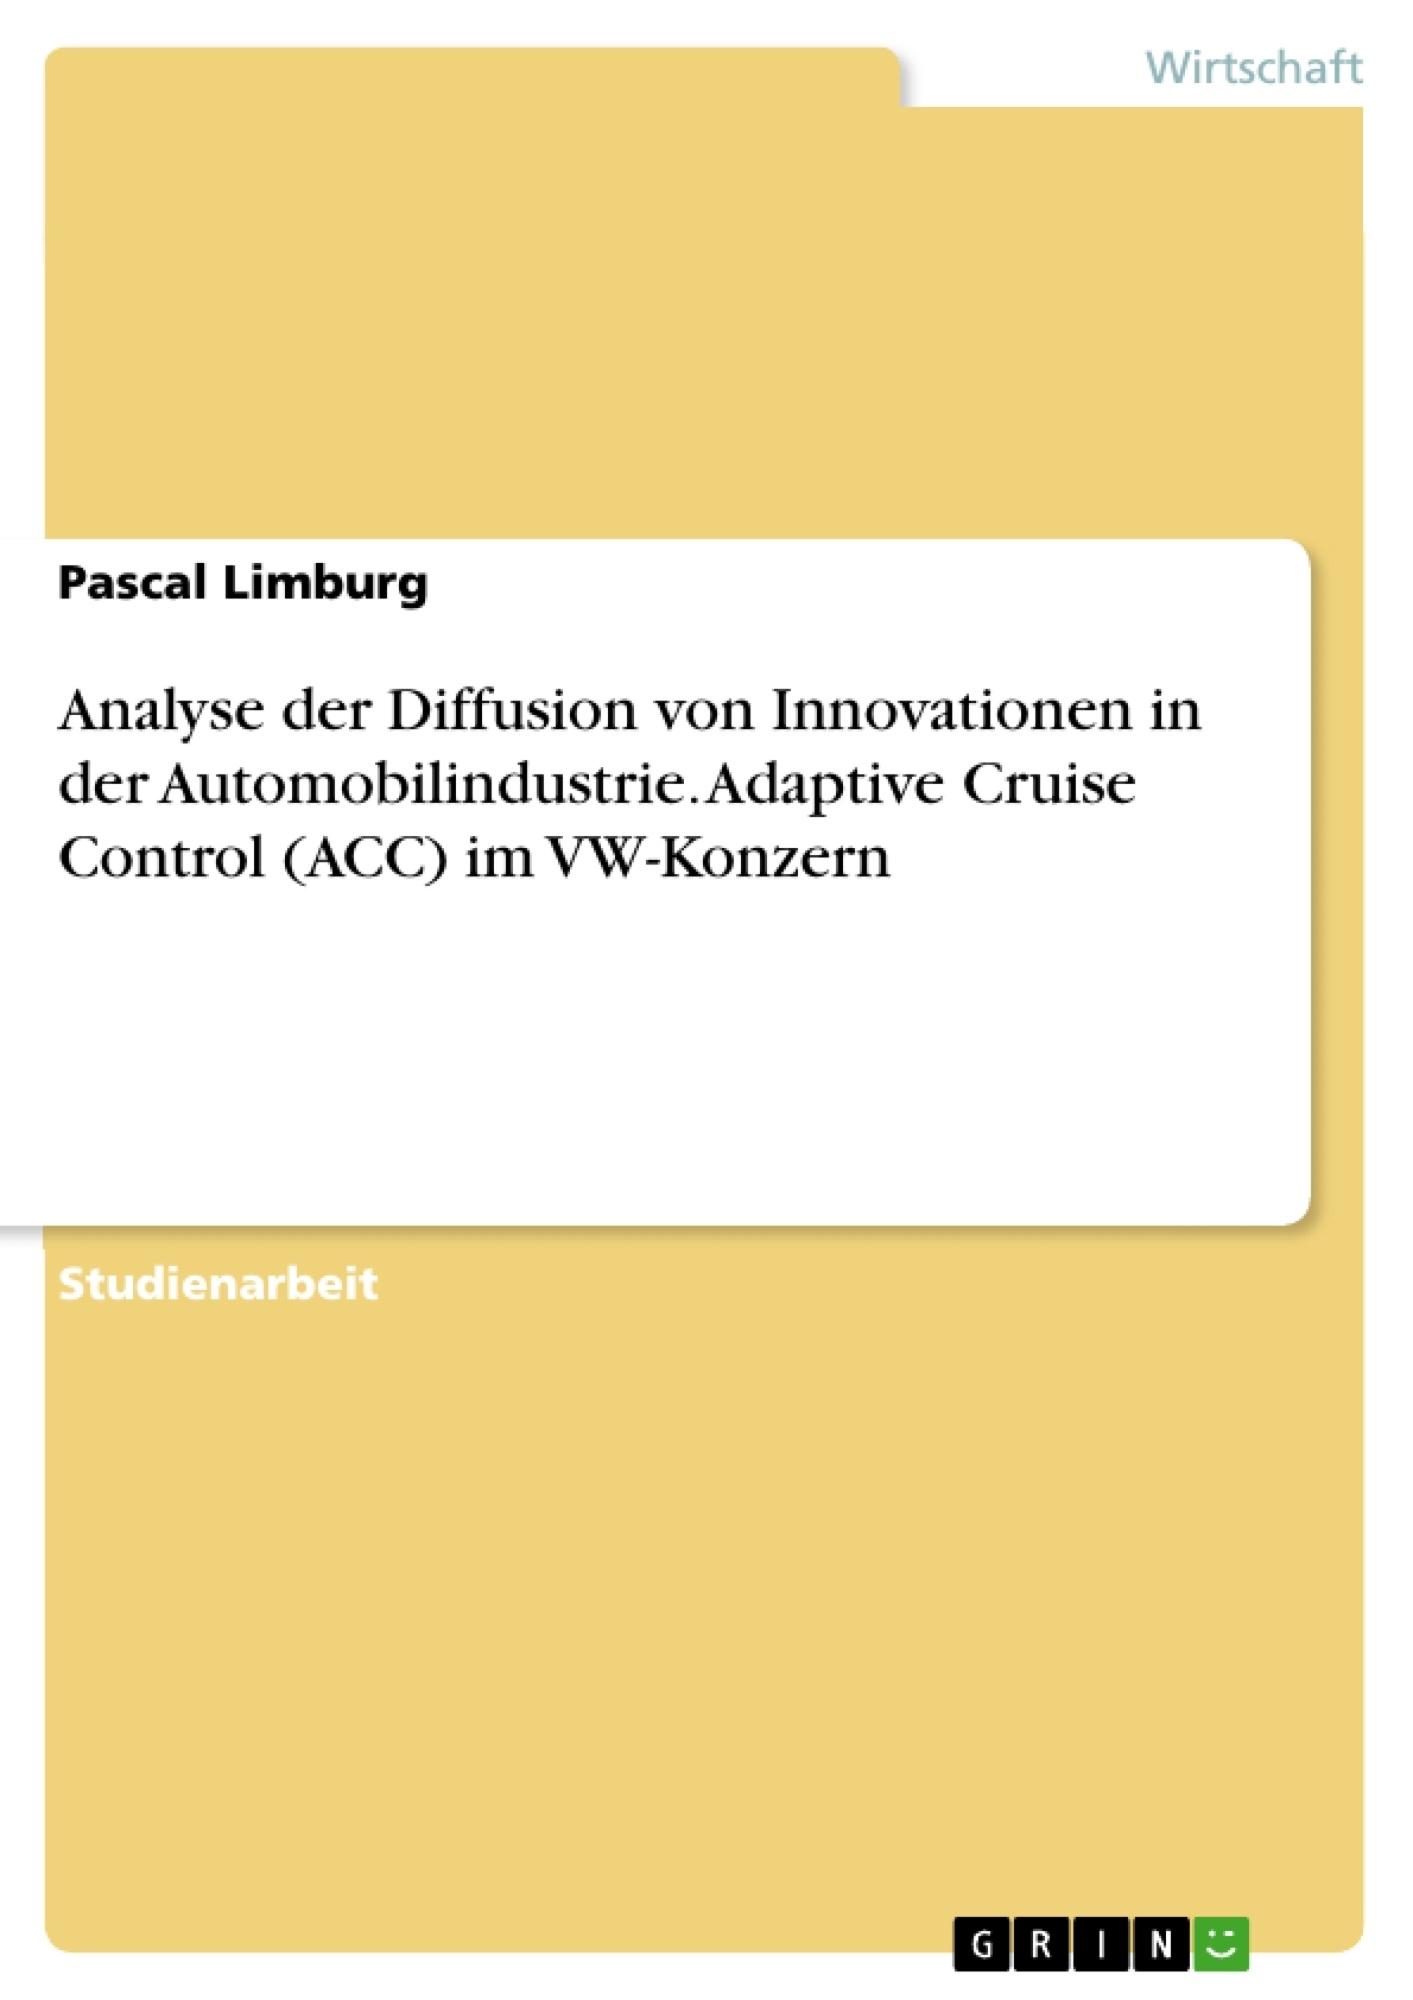 Titel: Analyse der Diffusion von Innovationen in der Automobilindustrie. Adaptive Cruise Control (ACC) im VW-Konzern